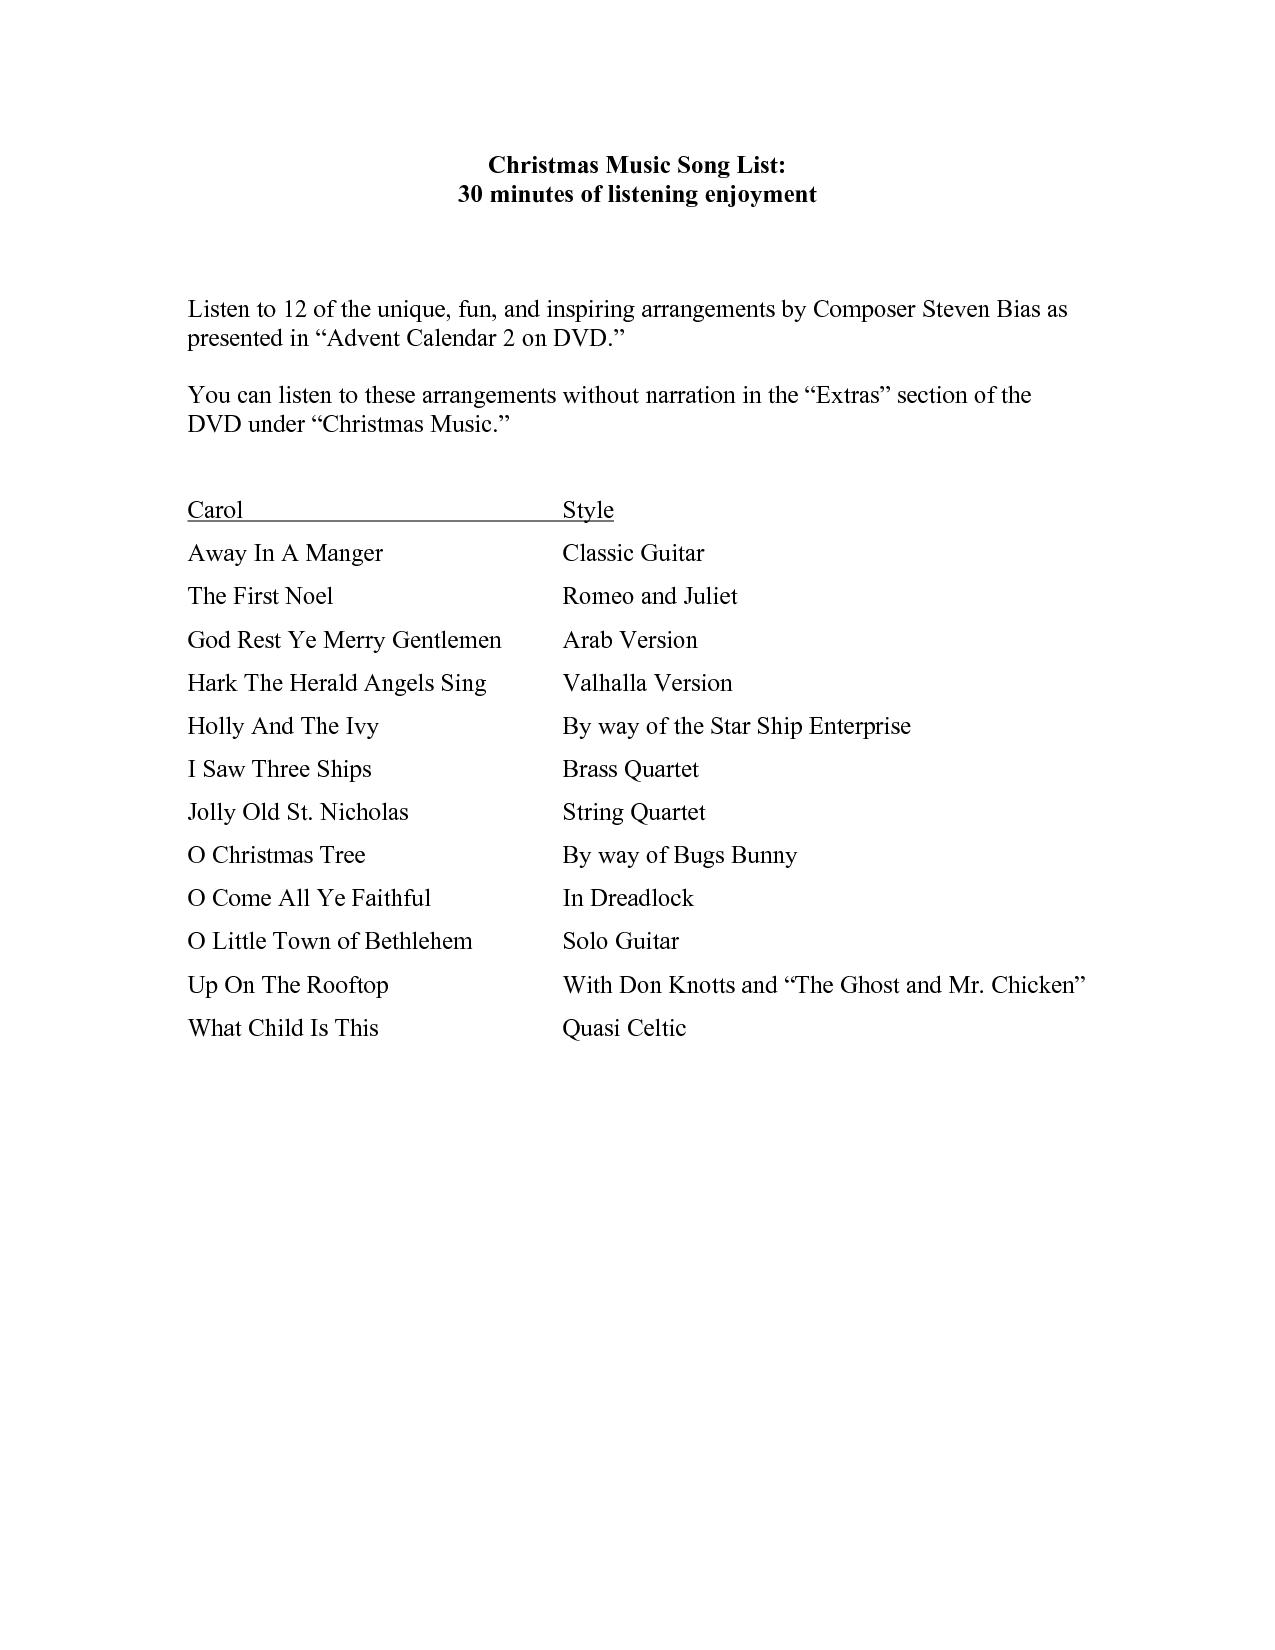 Christmas Songs List Img Need 0b4NyN7I | Christmas Songs ~ Lyrics ...